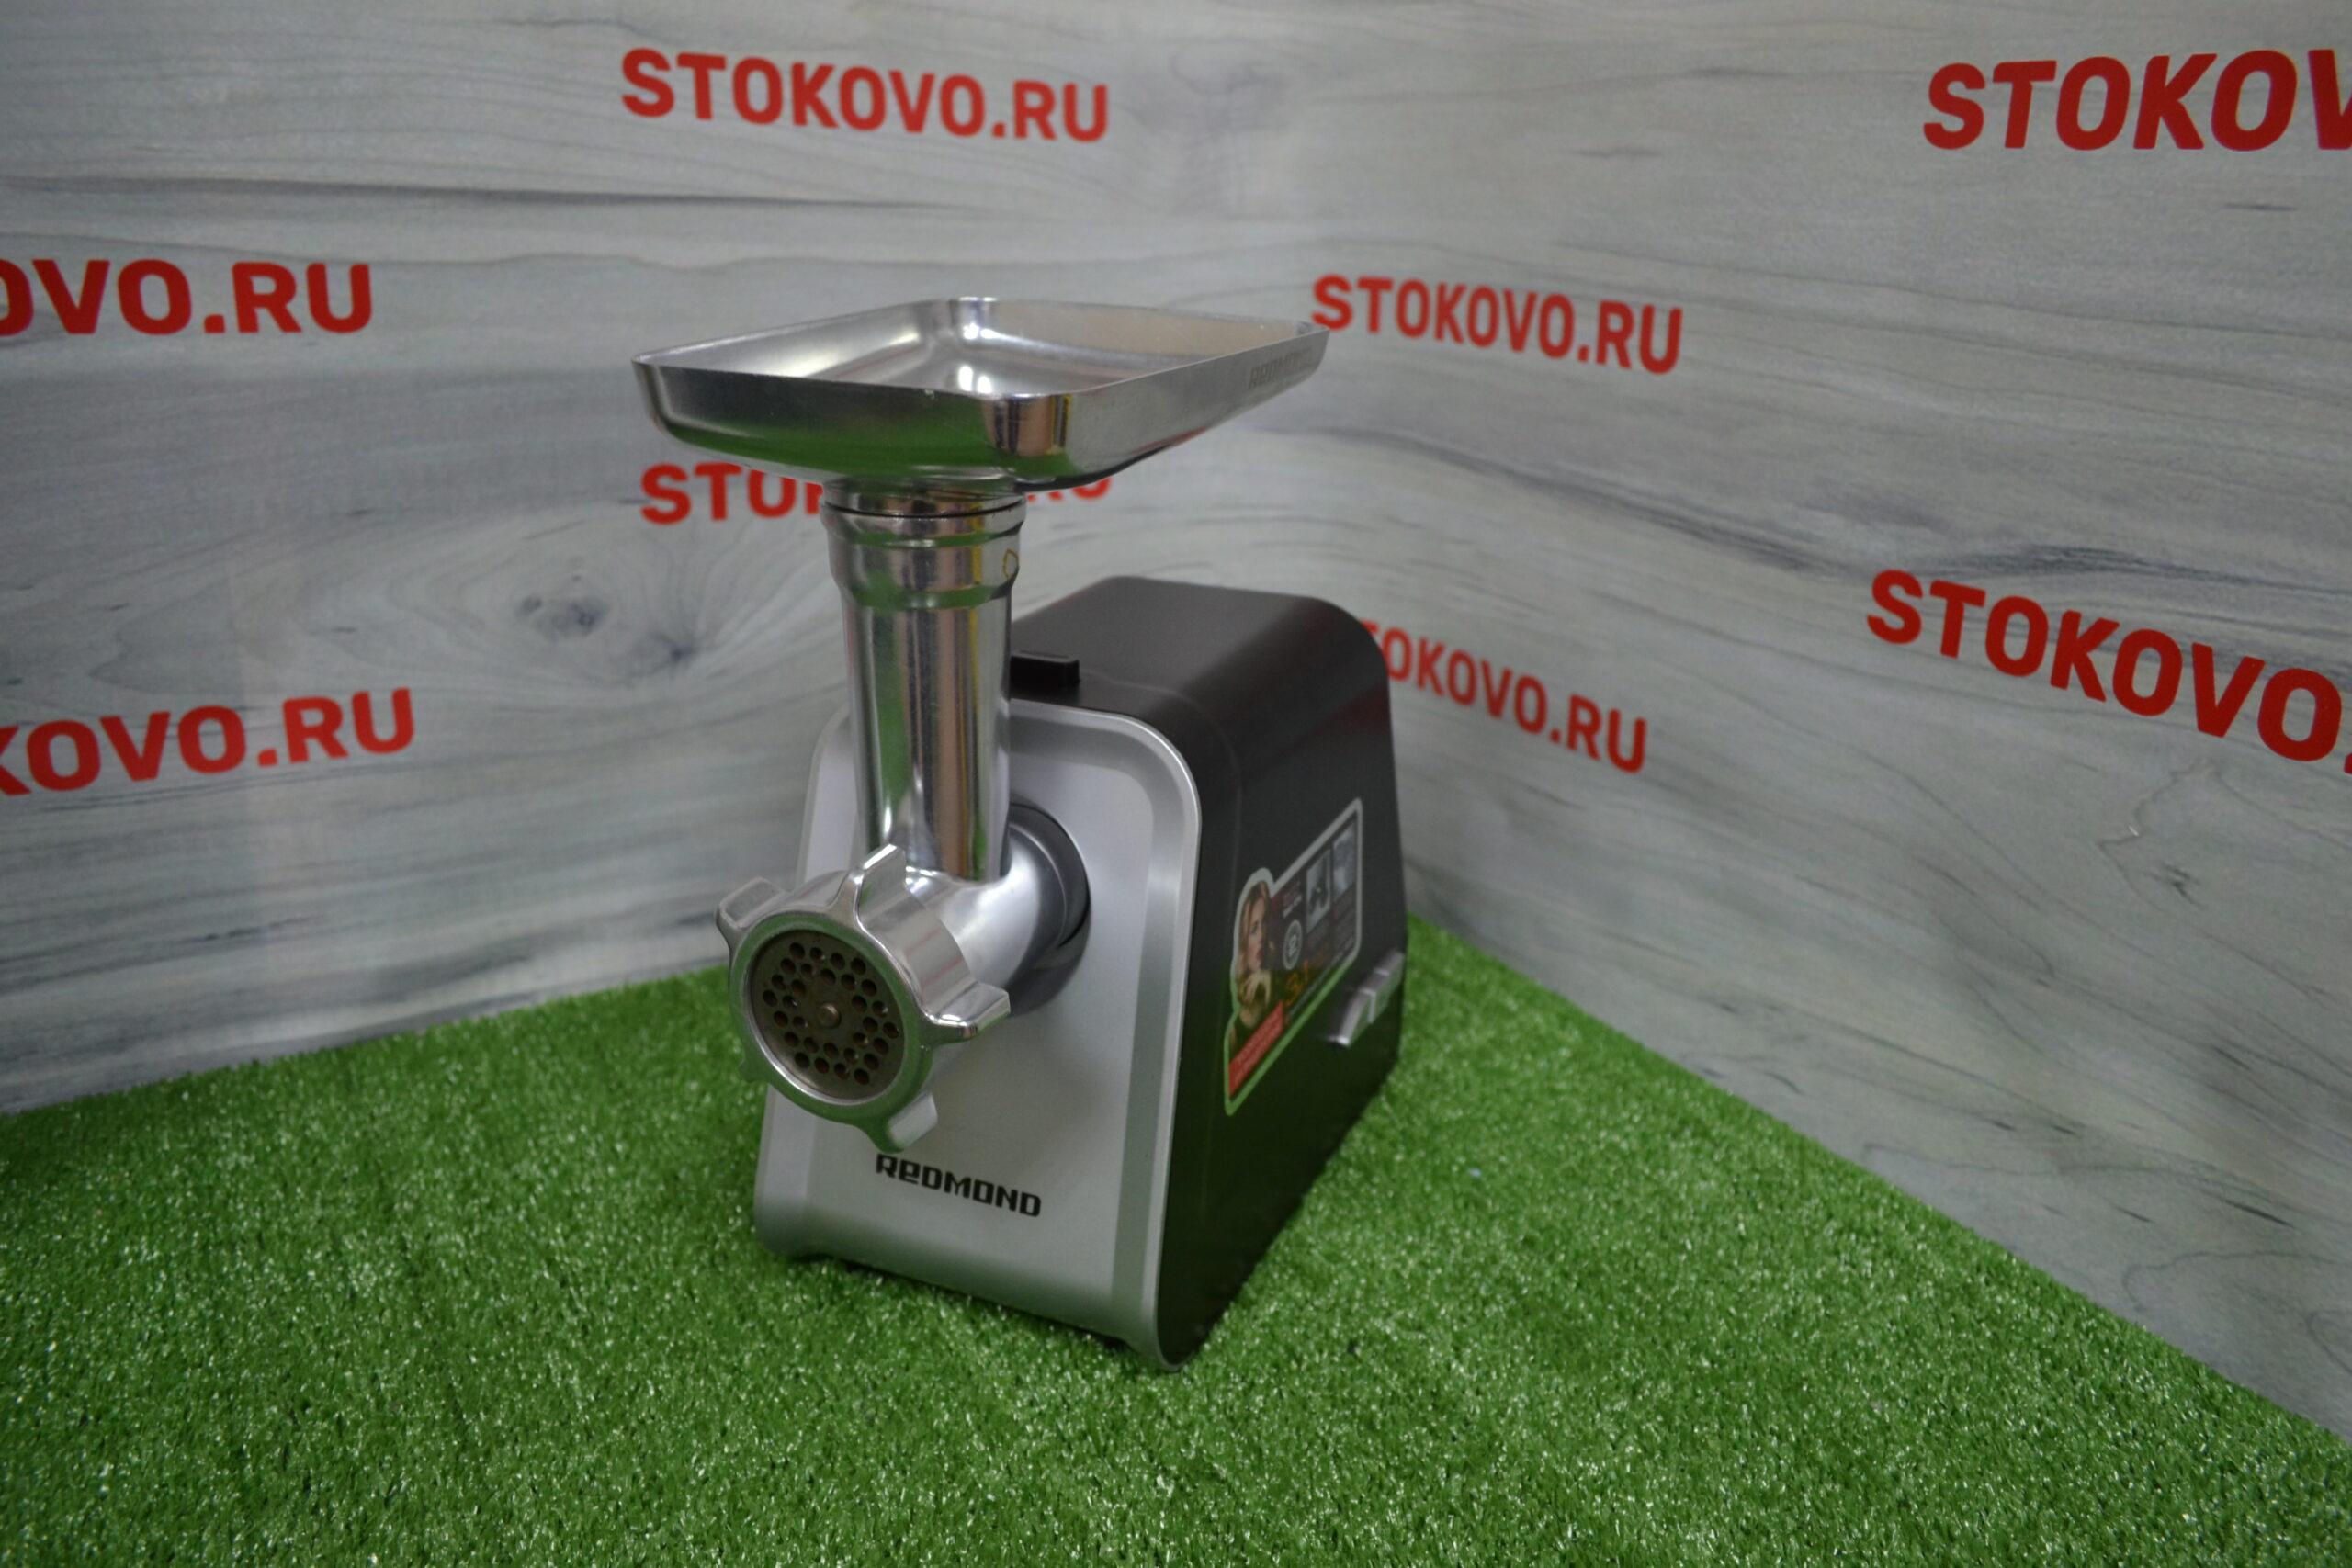 Электромясорубка Redmond RMG-1215